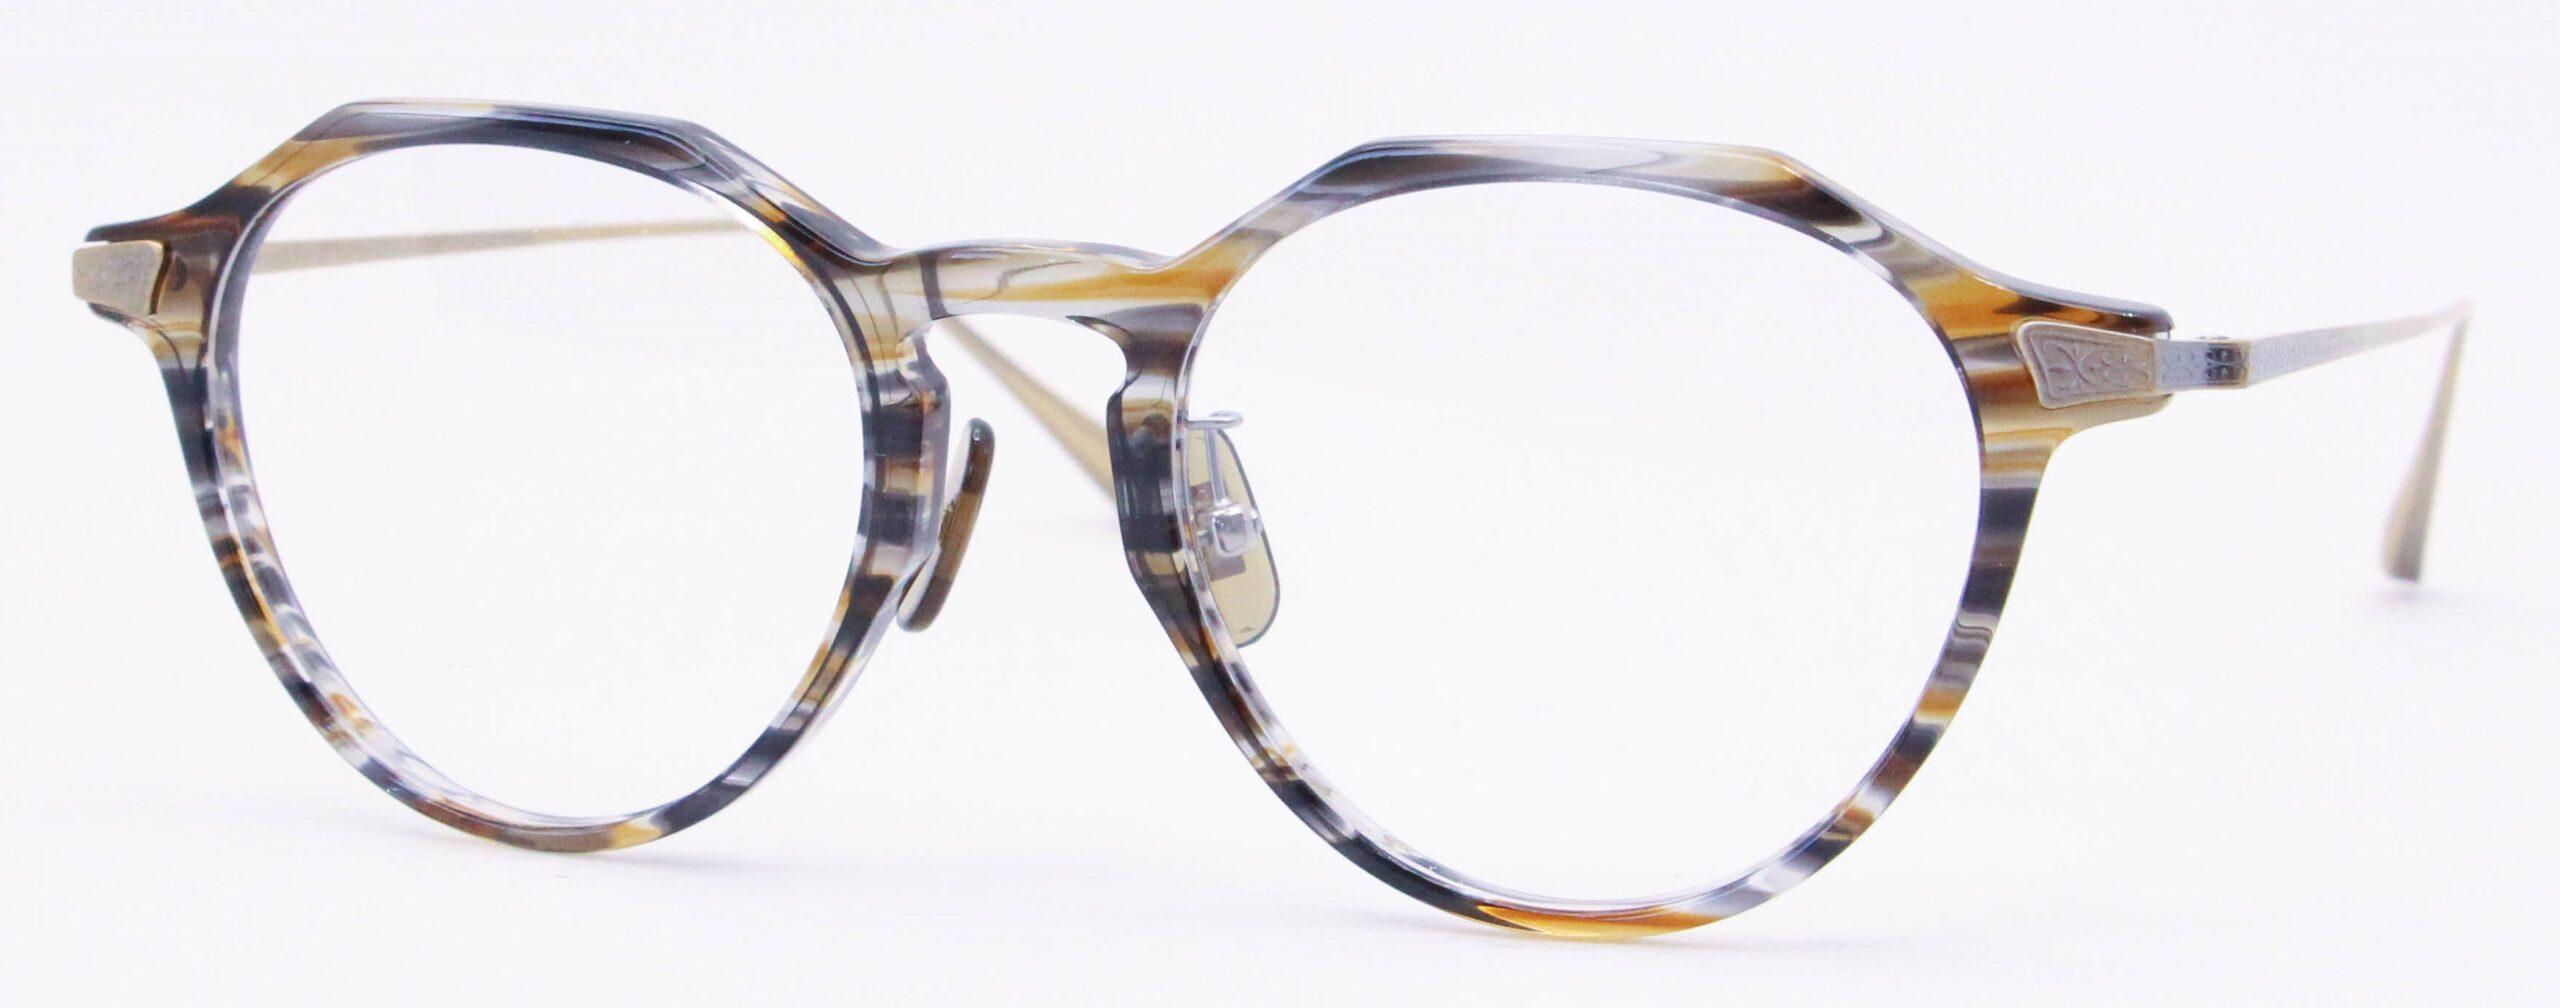 眼鏡のカラータイプC-2 Brown-Sasa/At-Gold